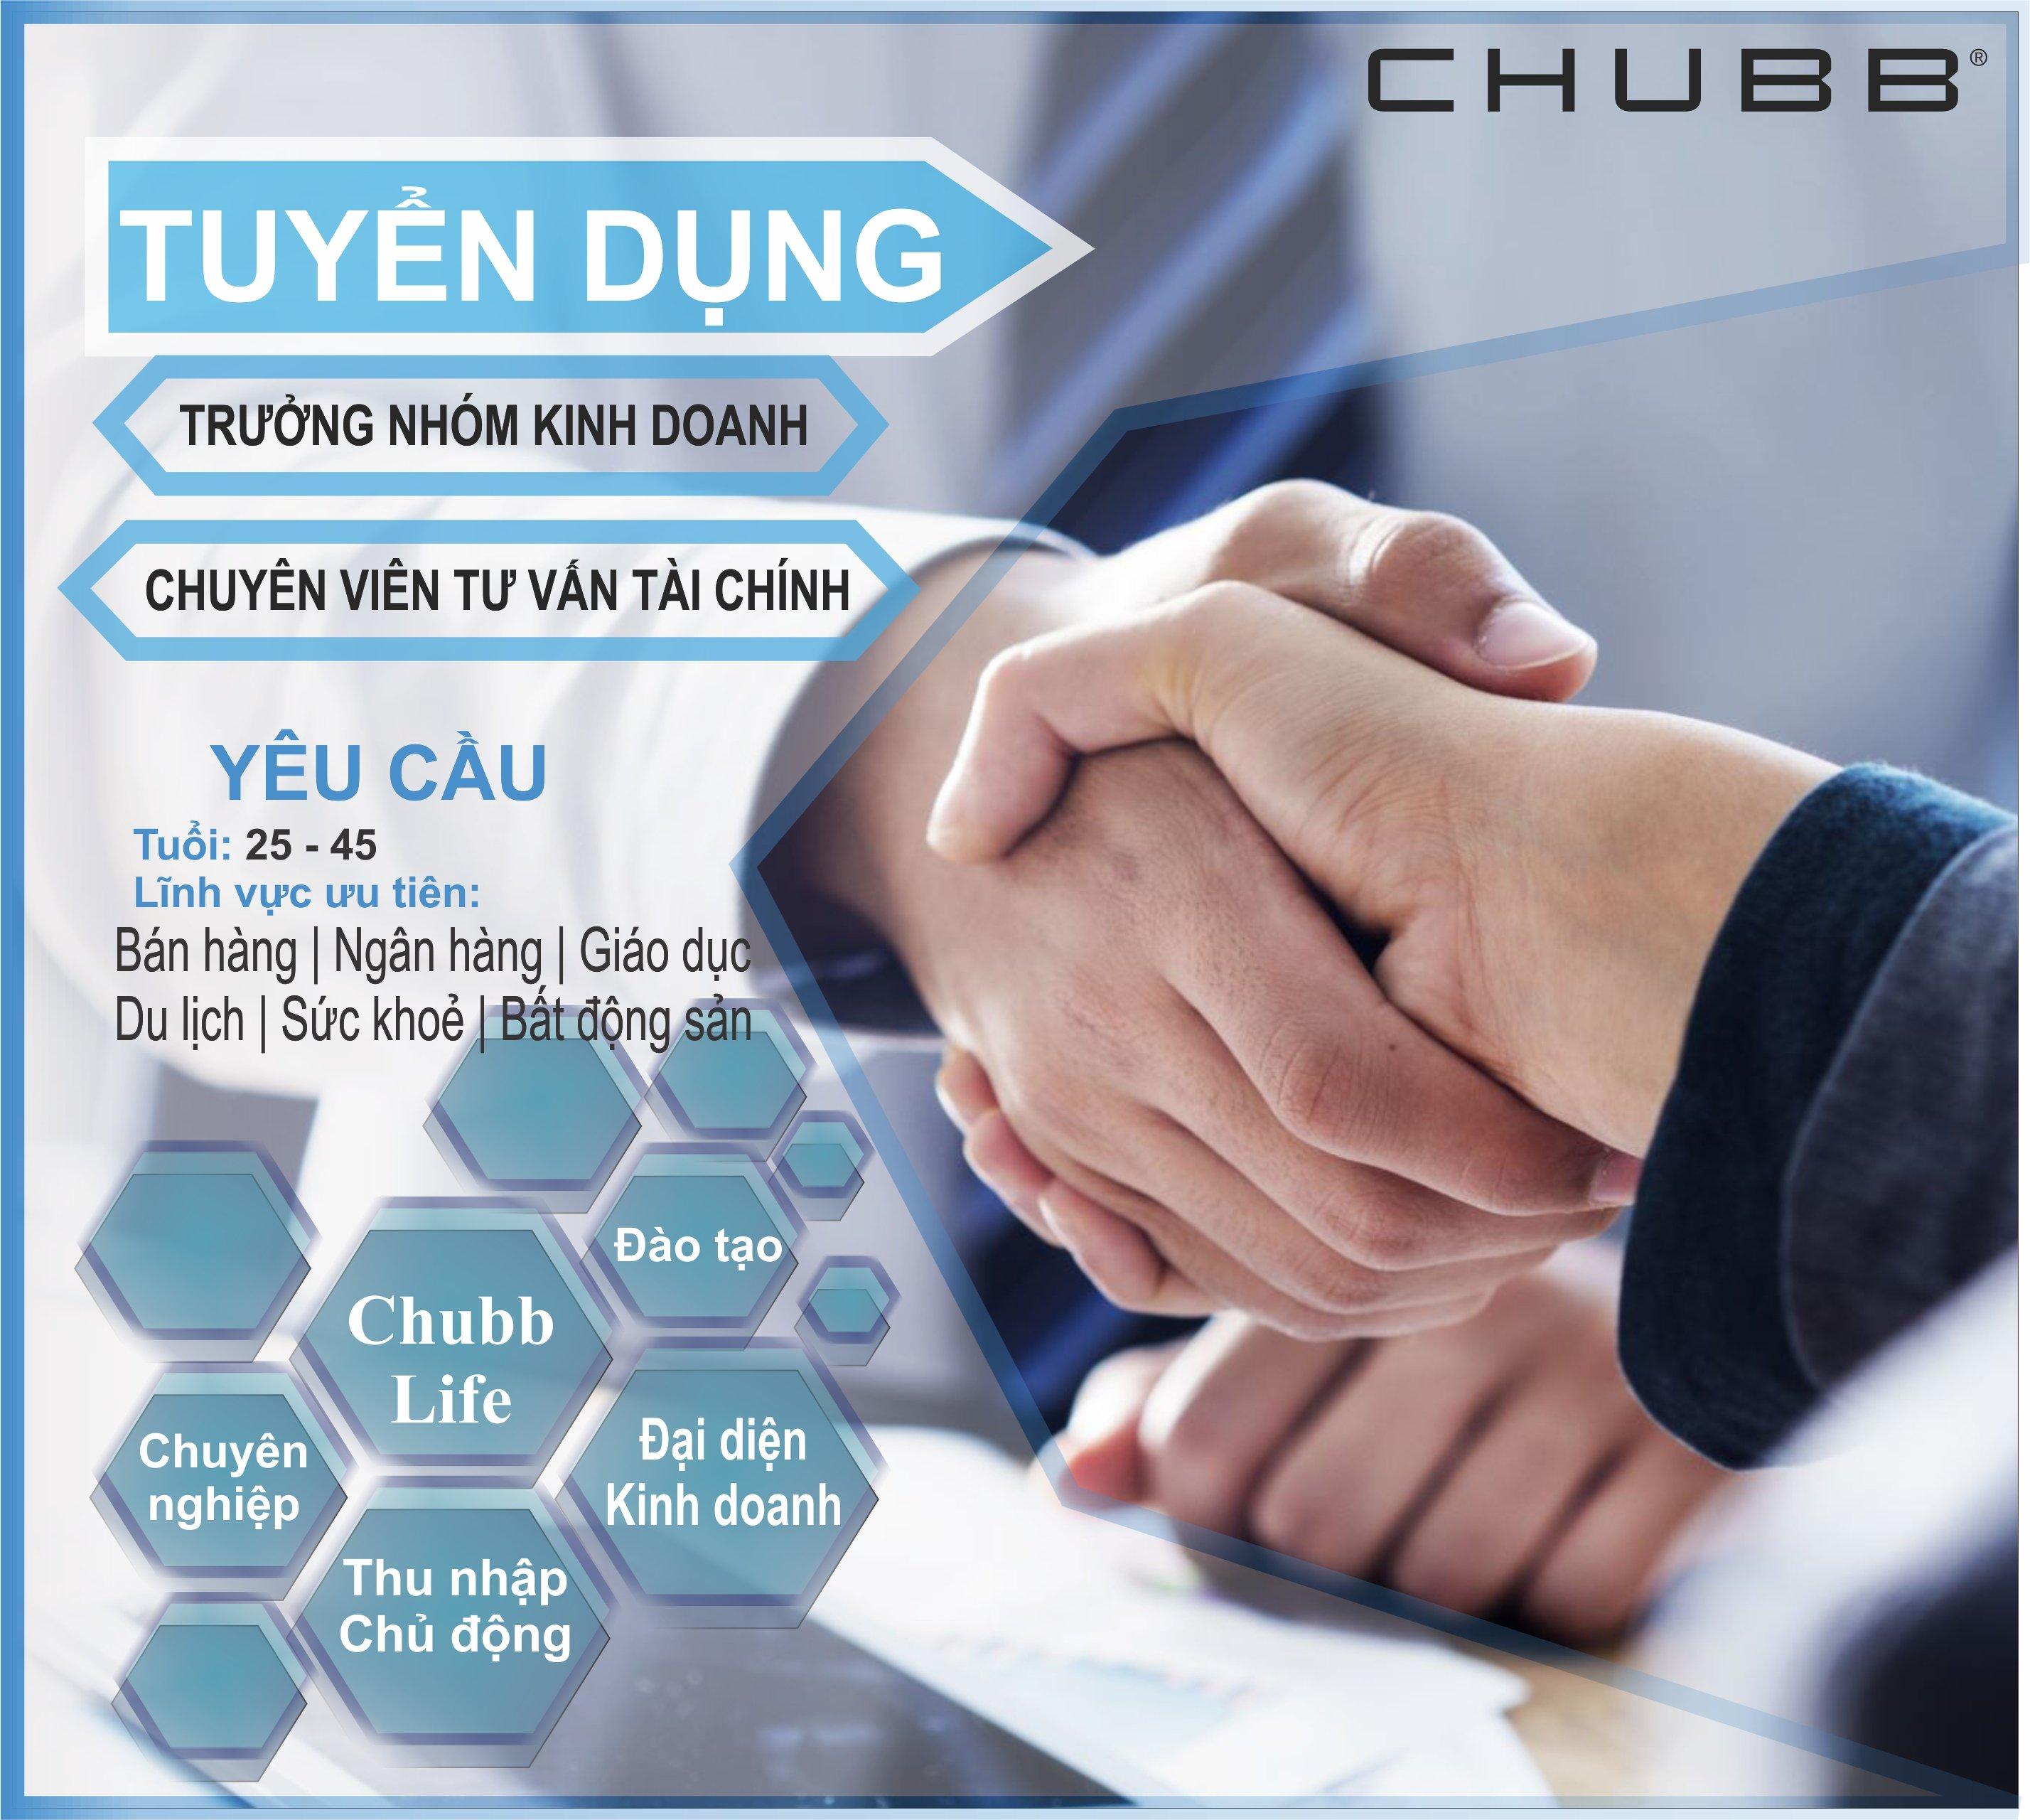 Đại diện kinh doanh/ Trưởng Nhóm Kinh Doanh